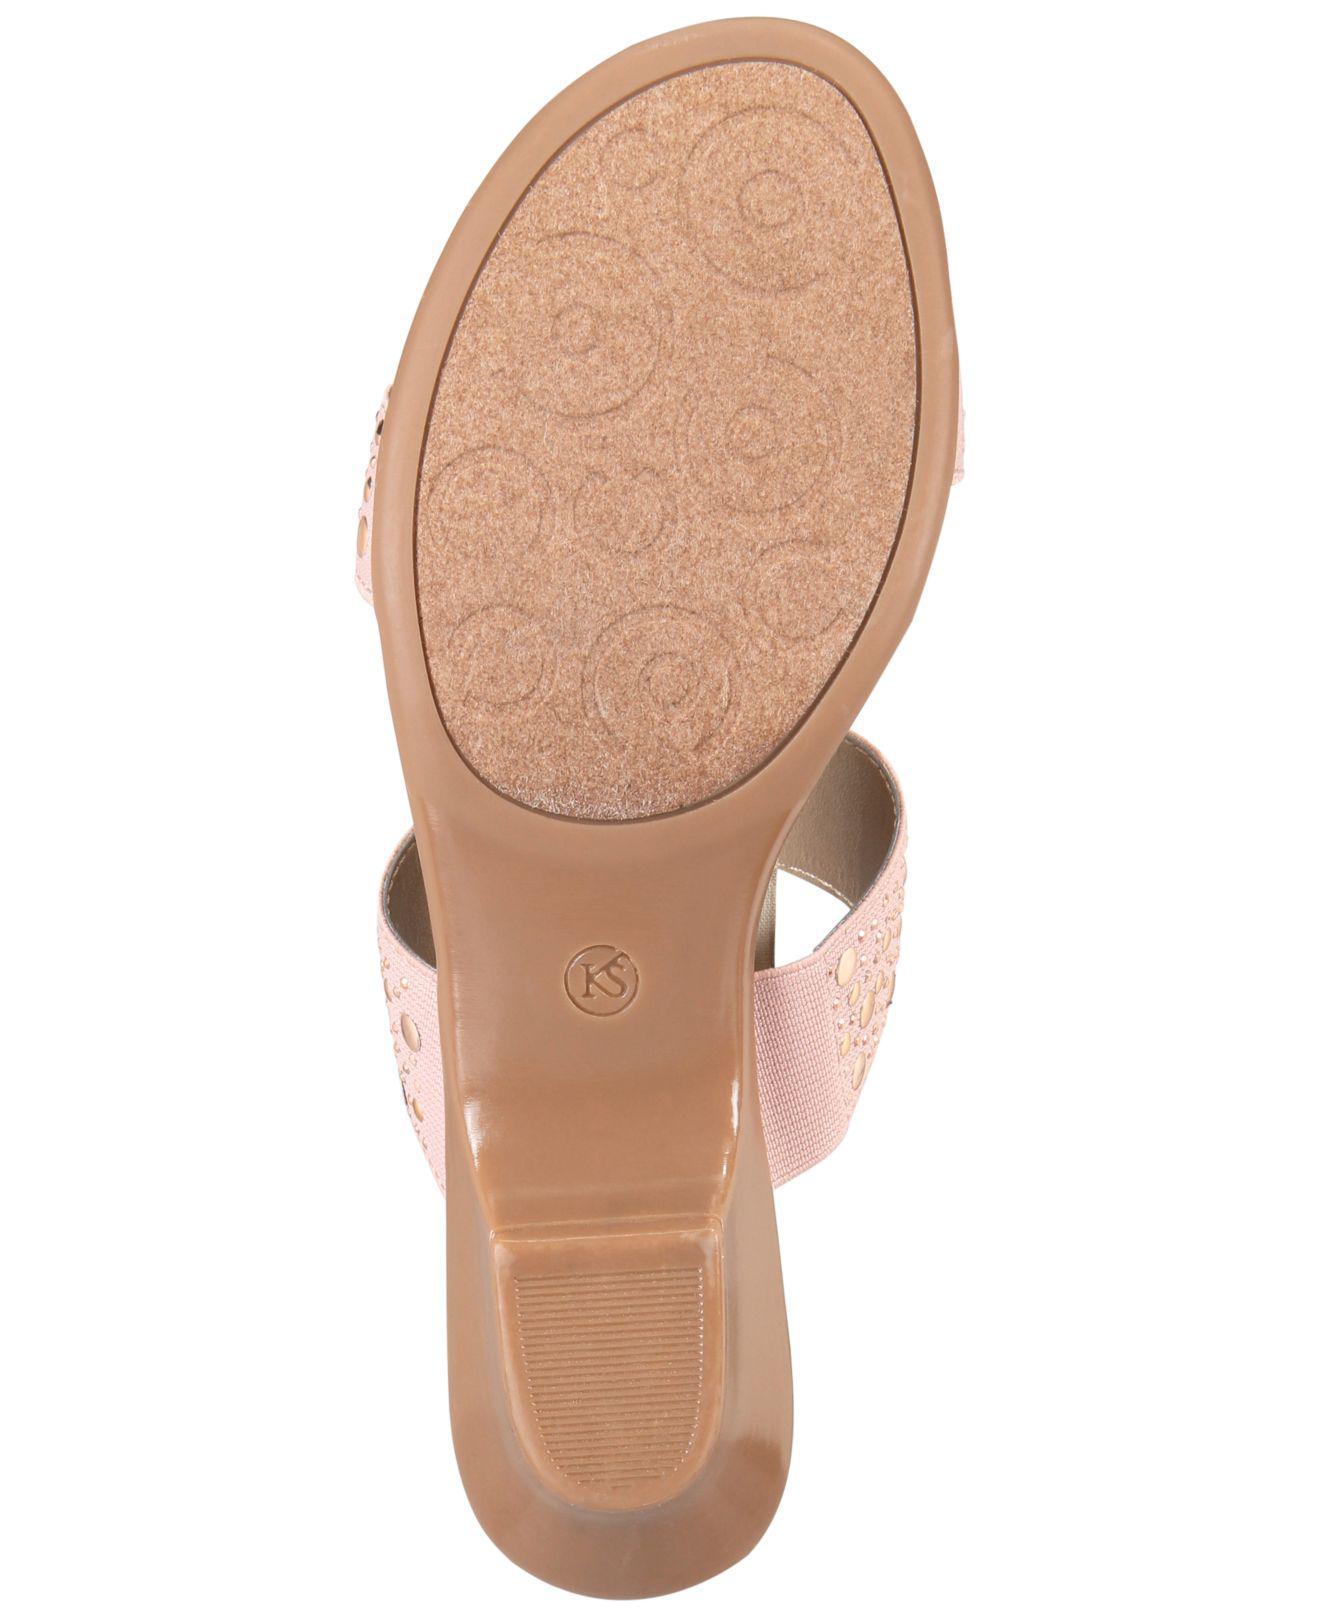 04dcb00dba003 Karen Scott Pink Eanna Sandals, Created For Macy's